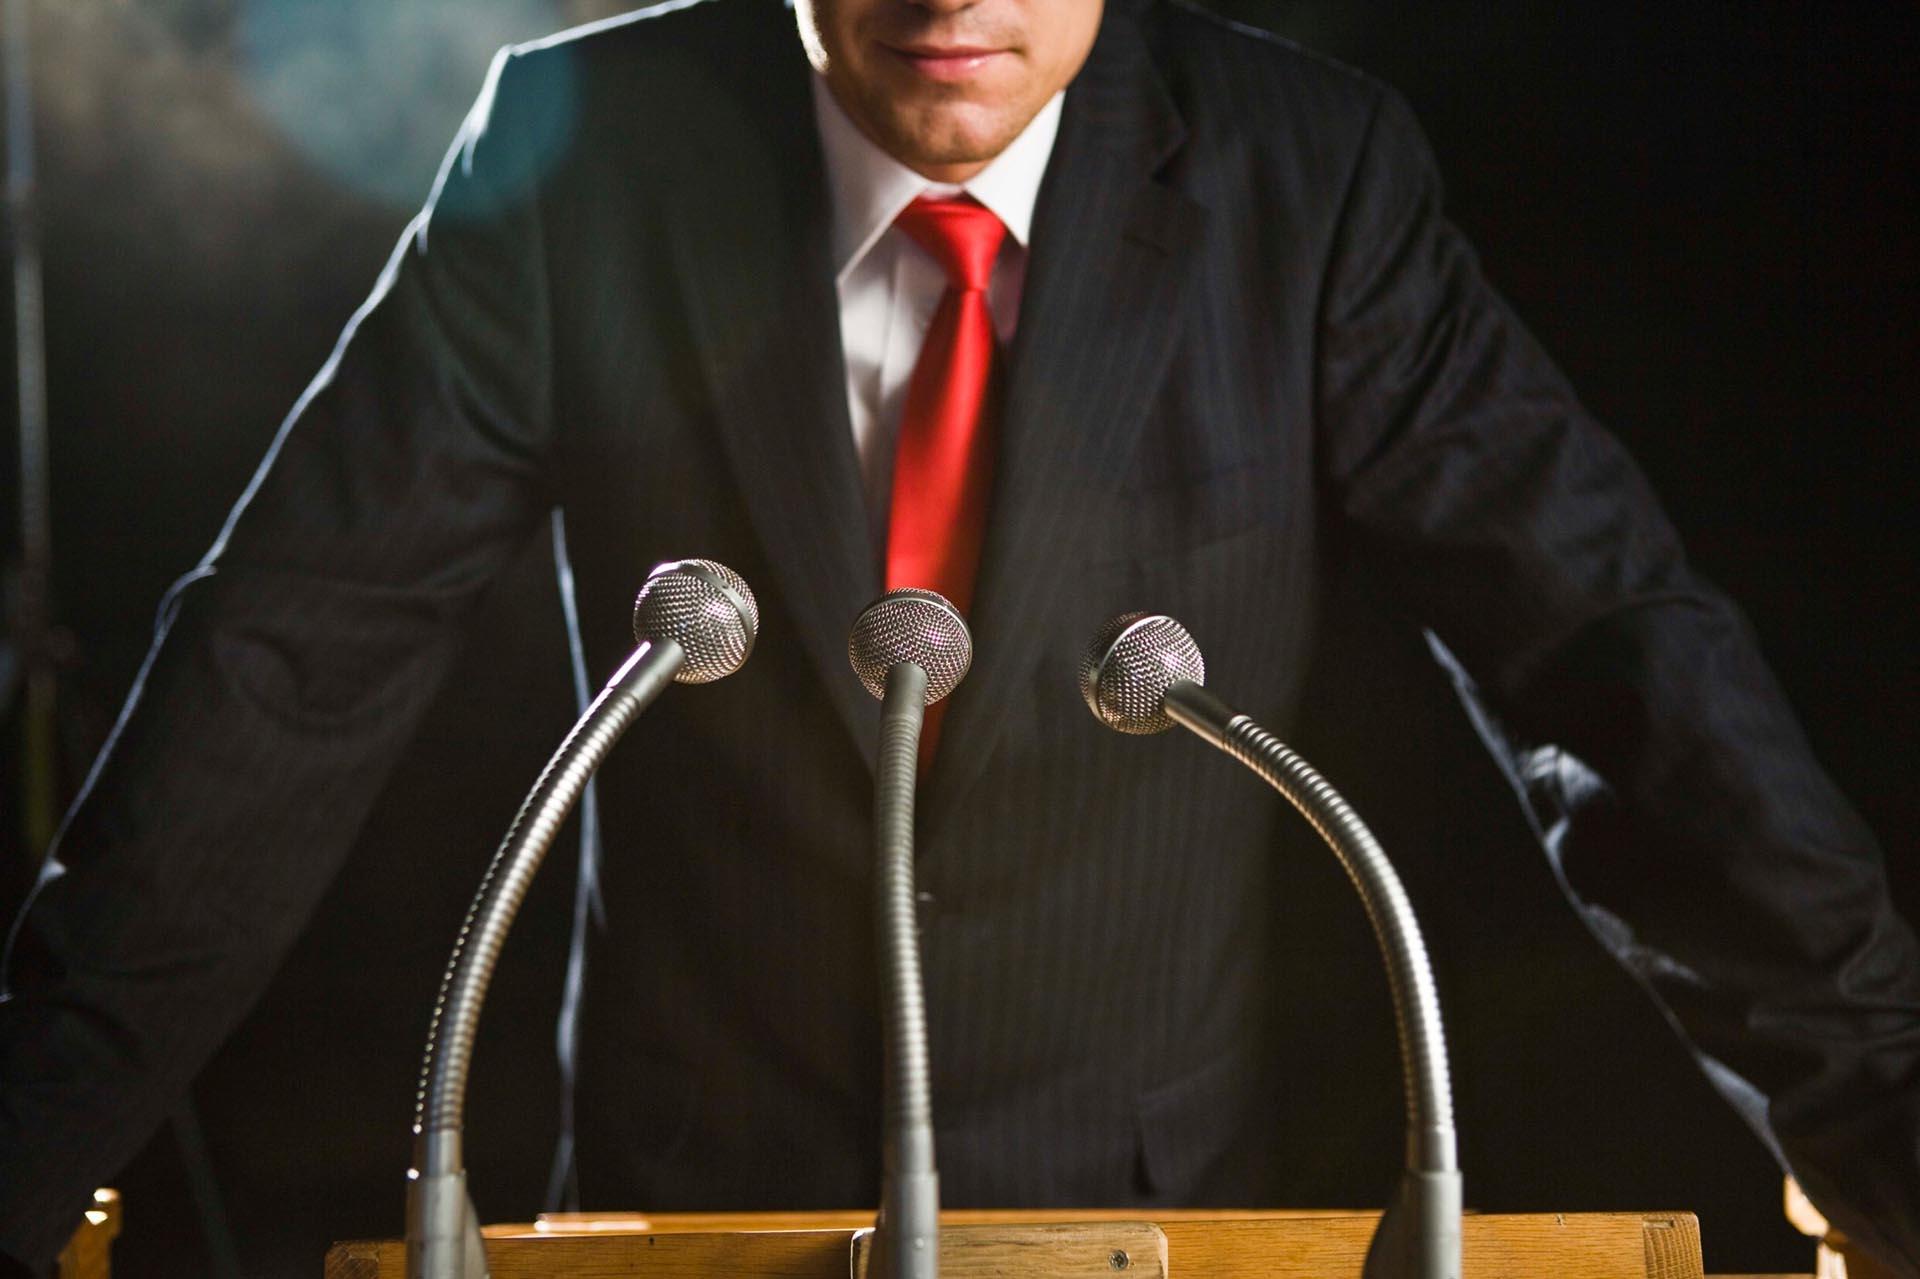 Бесплатный вебинар: Как привлекать клиентов через публичные выступления